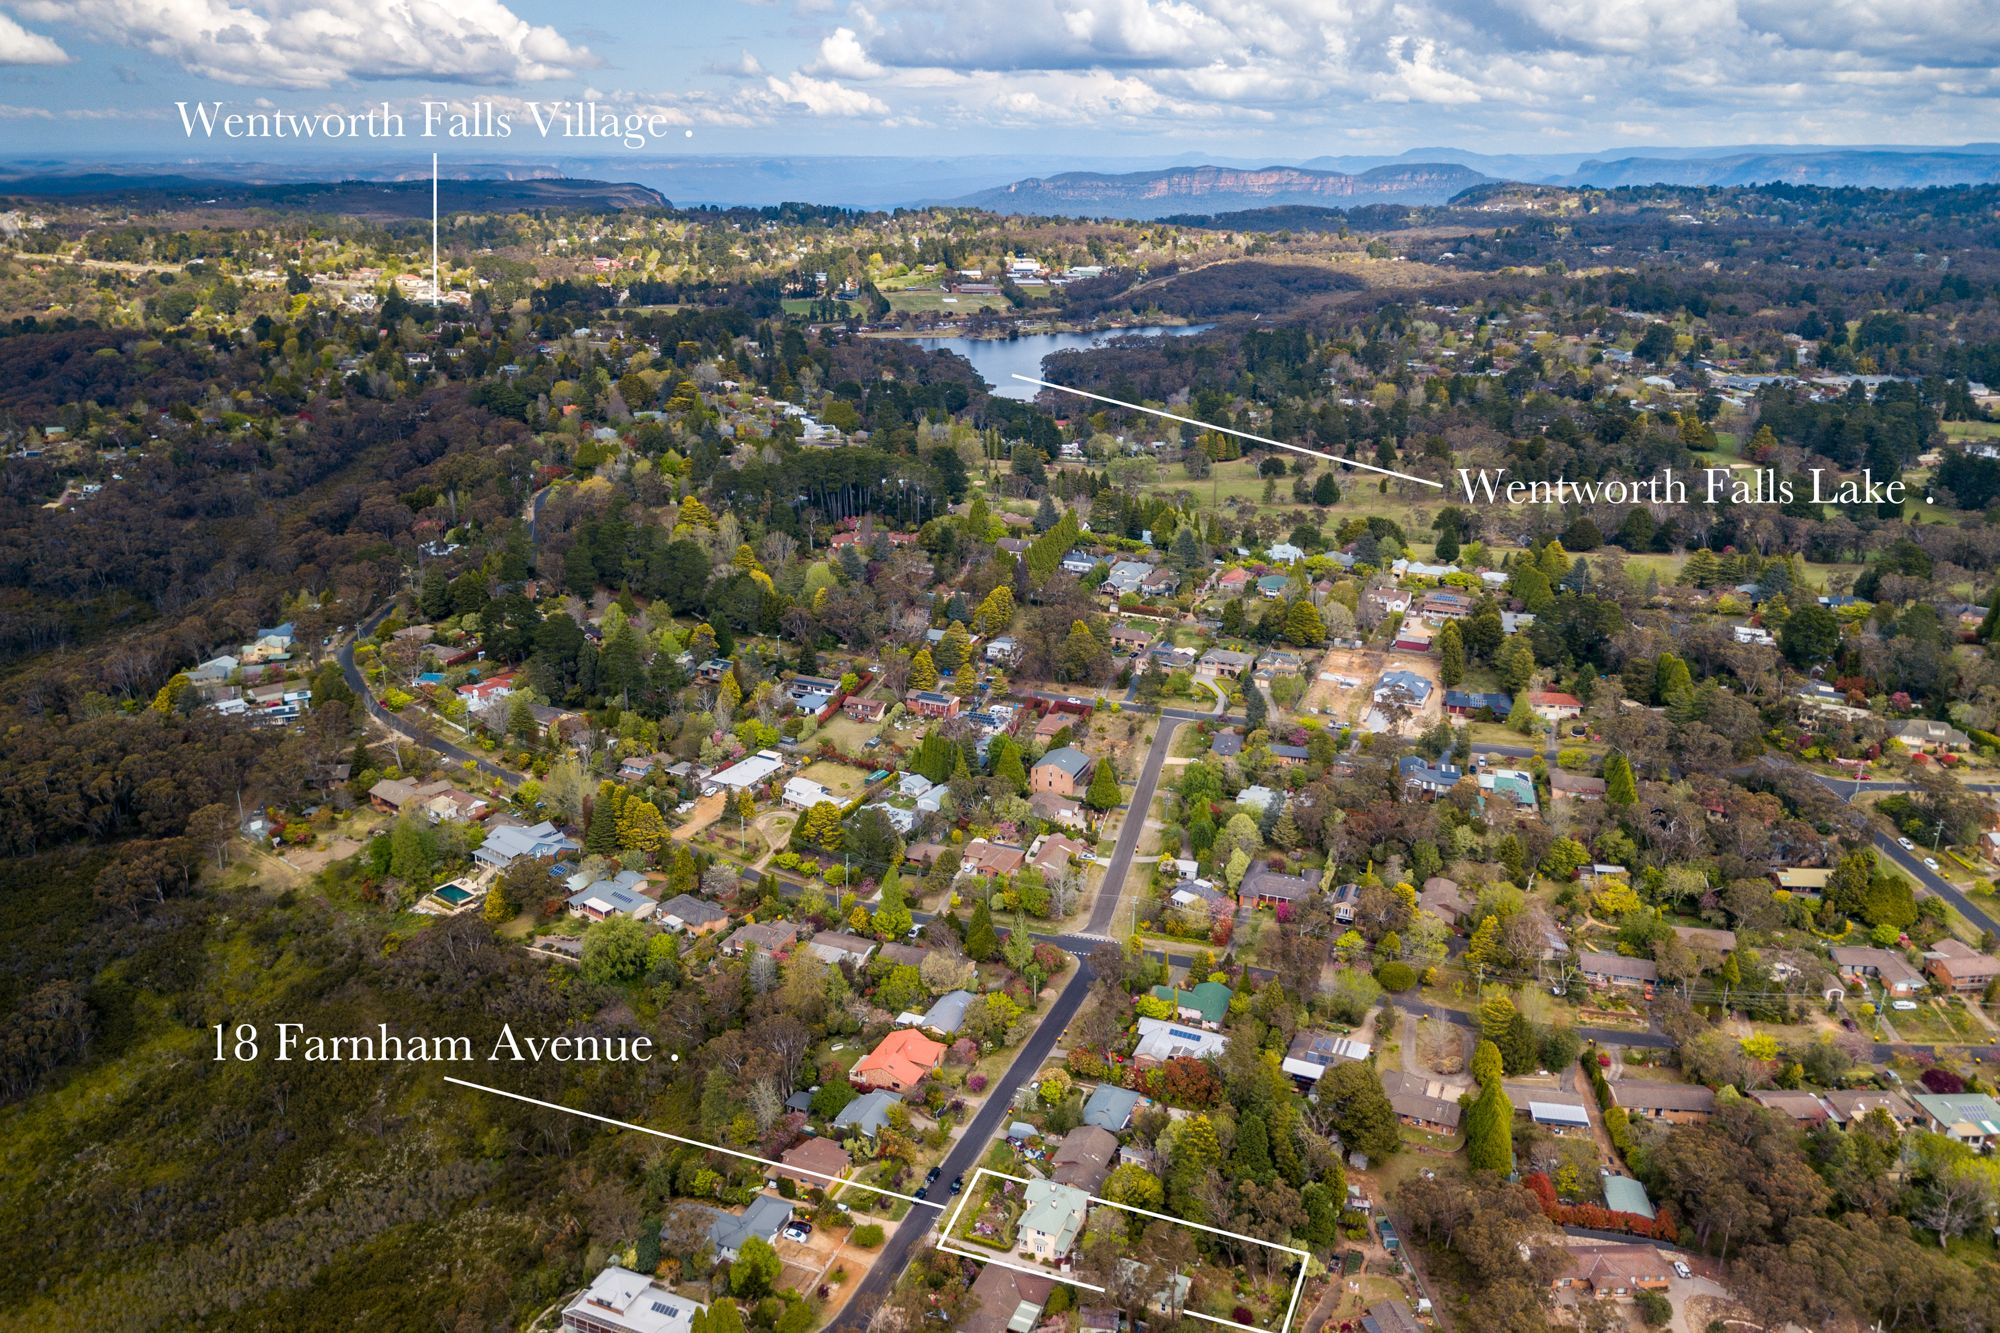 18 Farnham Avenue Wentworth Falls 2782